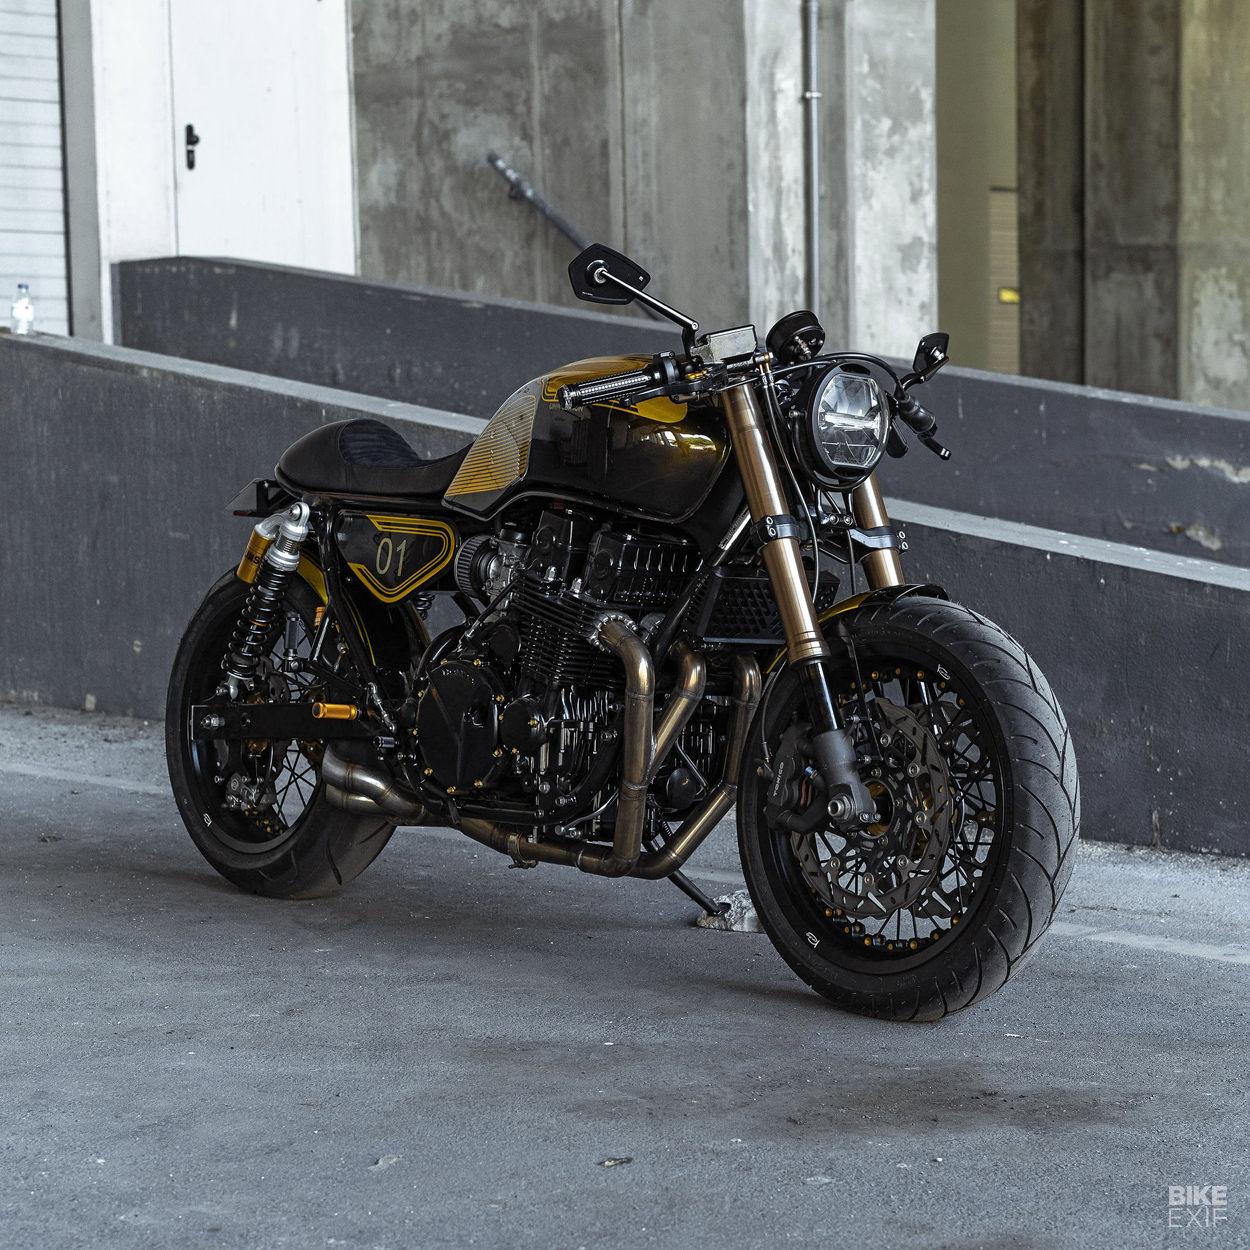 custom motorcycles of 2020 bike exif